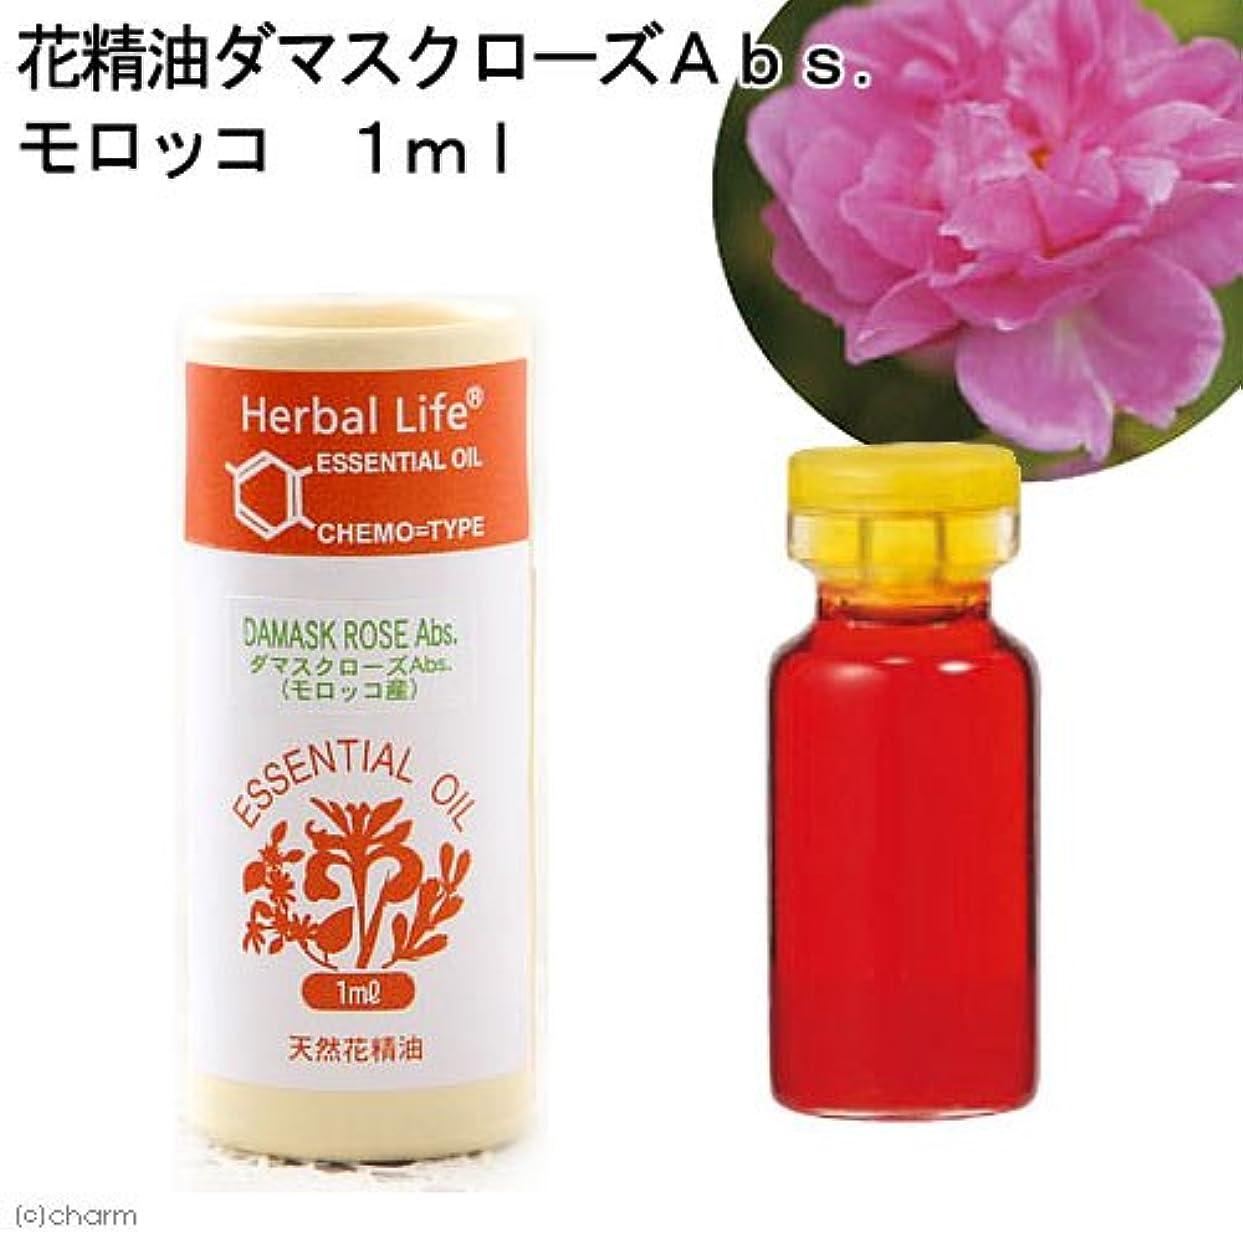 放射するおもてなし予定Herbal Life ダマスクローズAbs.(モロッコ産) 1ml